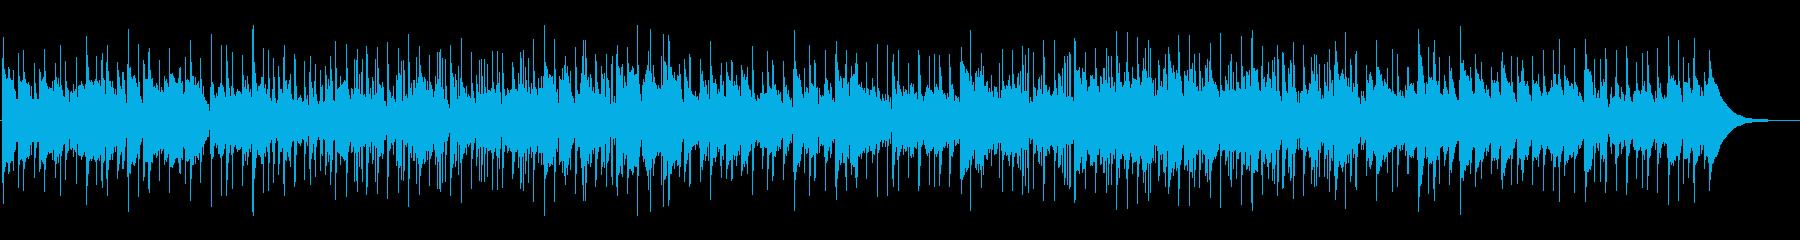 長閑な休日のBGMの再生済みの波形